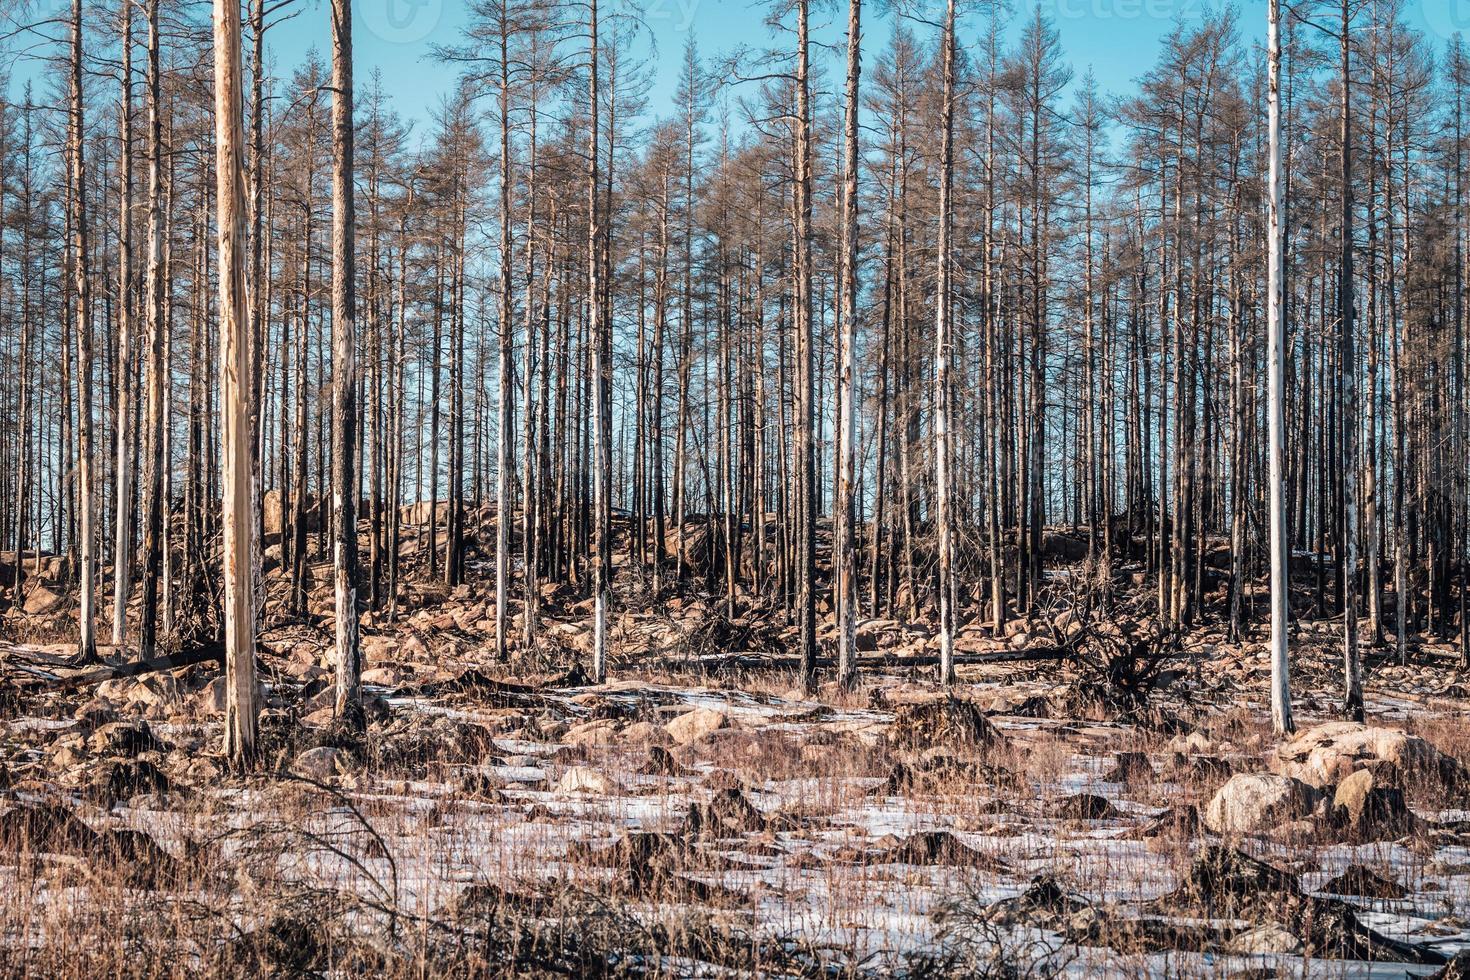 overgebleven dode bomen uit een bos geteisterd door een bosbrand foto